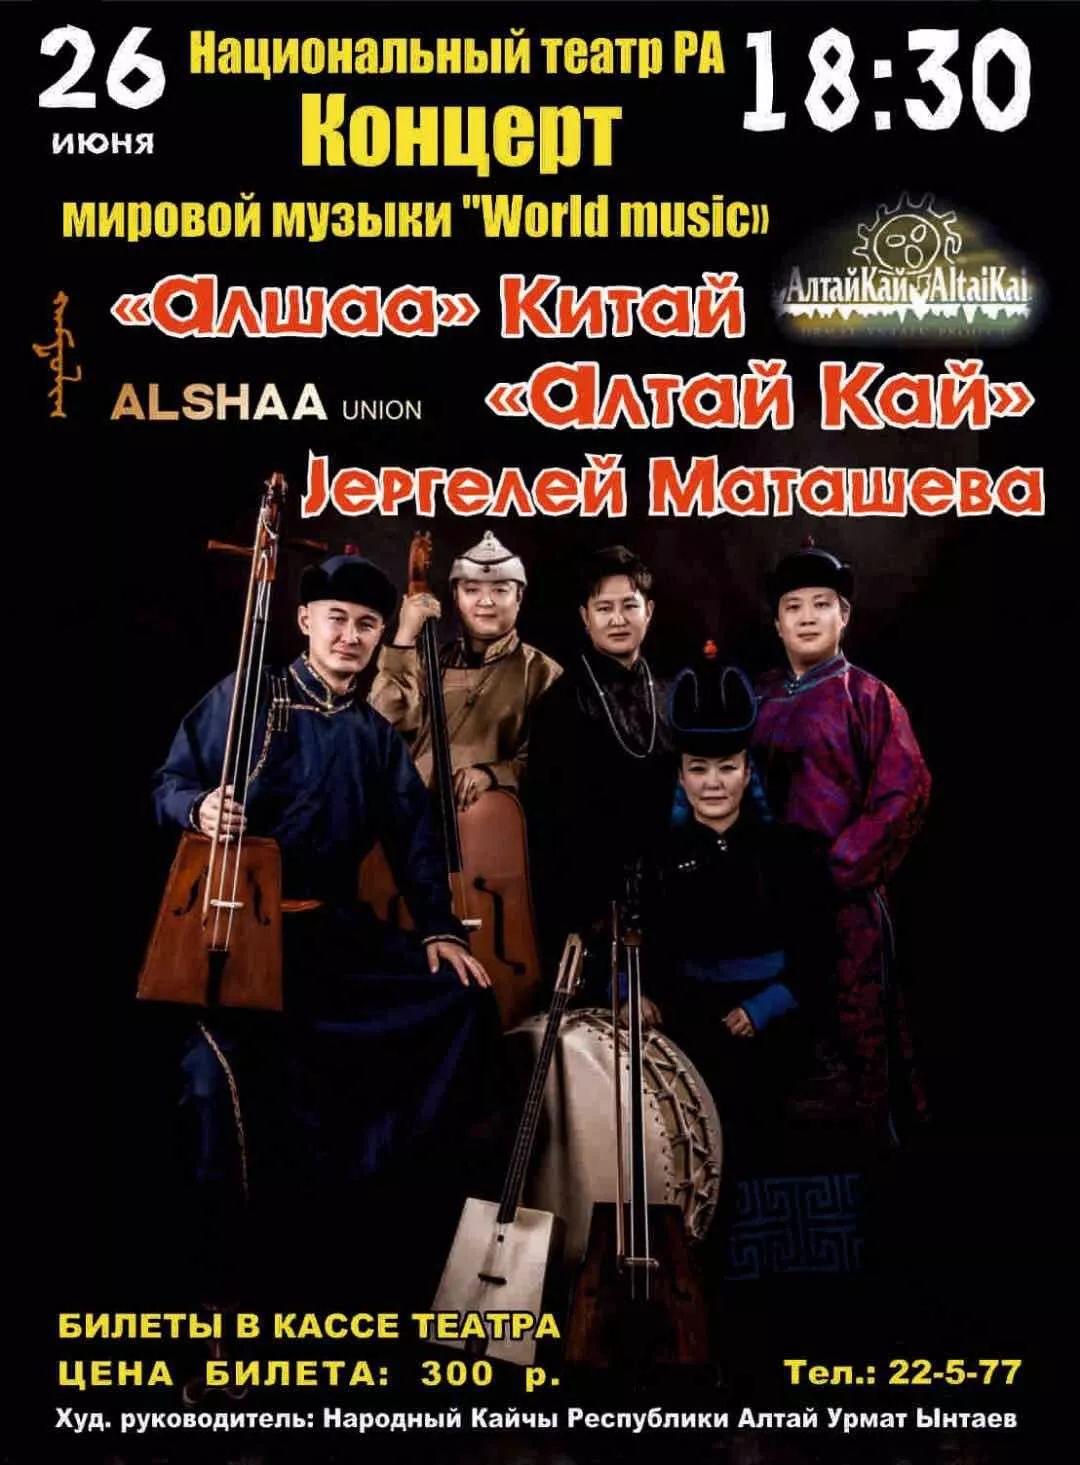 内蒙古乐队再次出现在国际舞台,Alshaa乐队6.26日俄罗斯举办专场音乐会 第1张